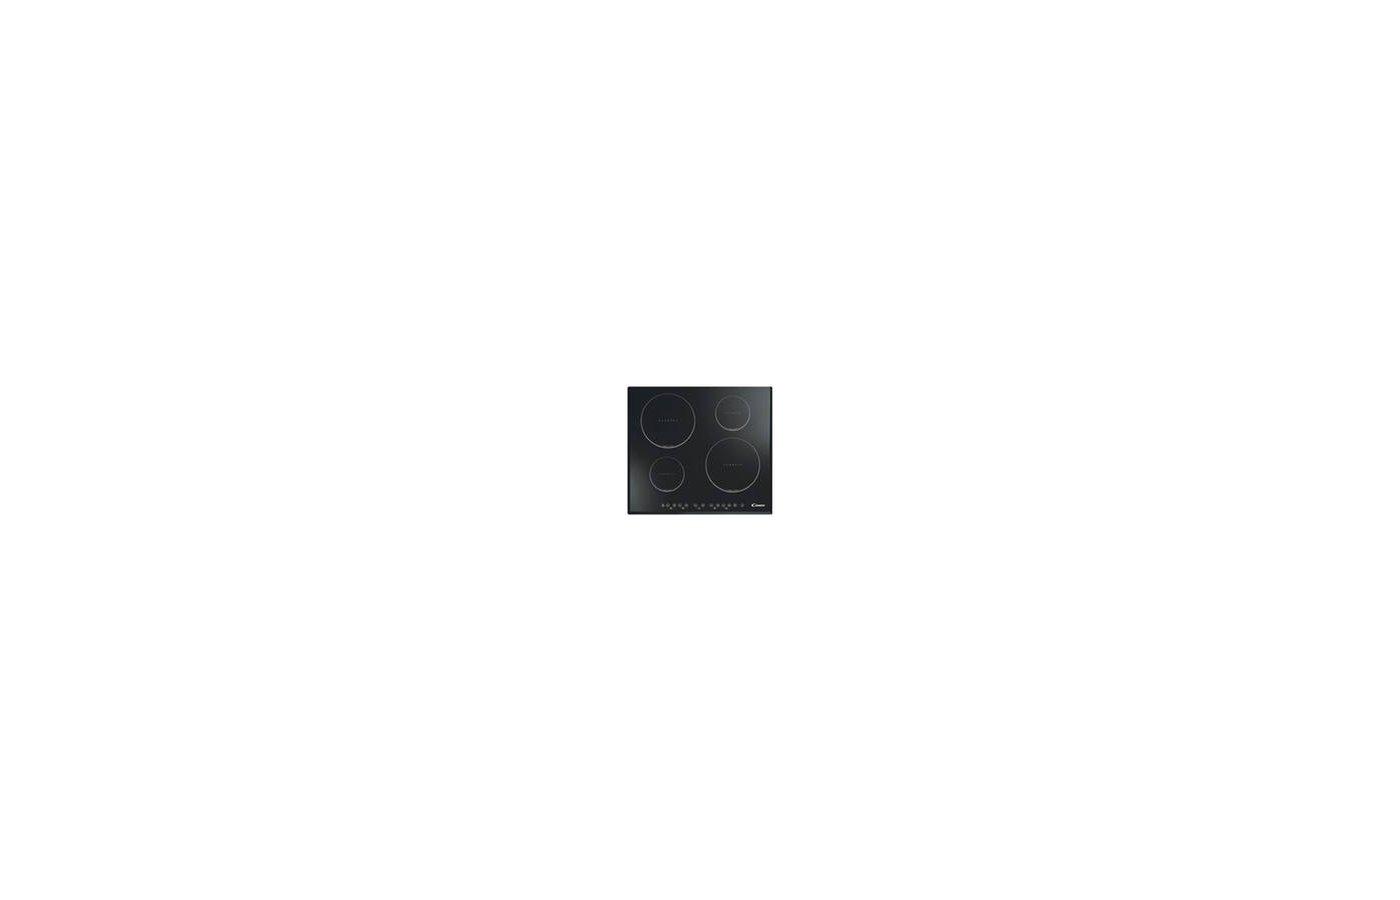 Варочная панель CANDY CIE 4630B3